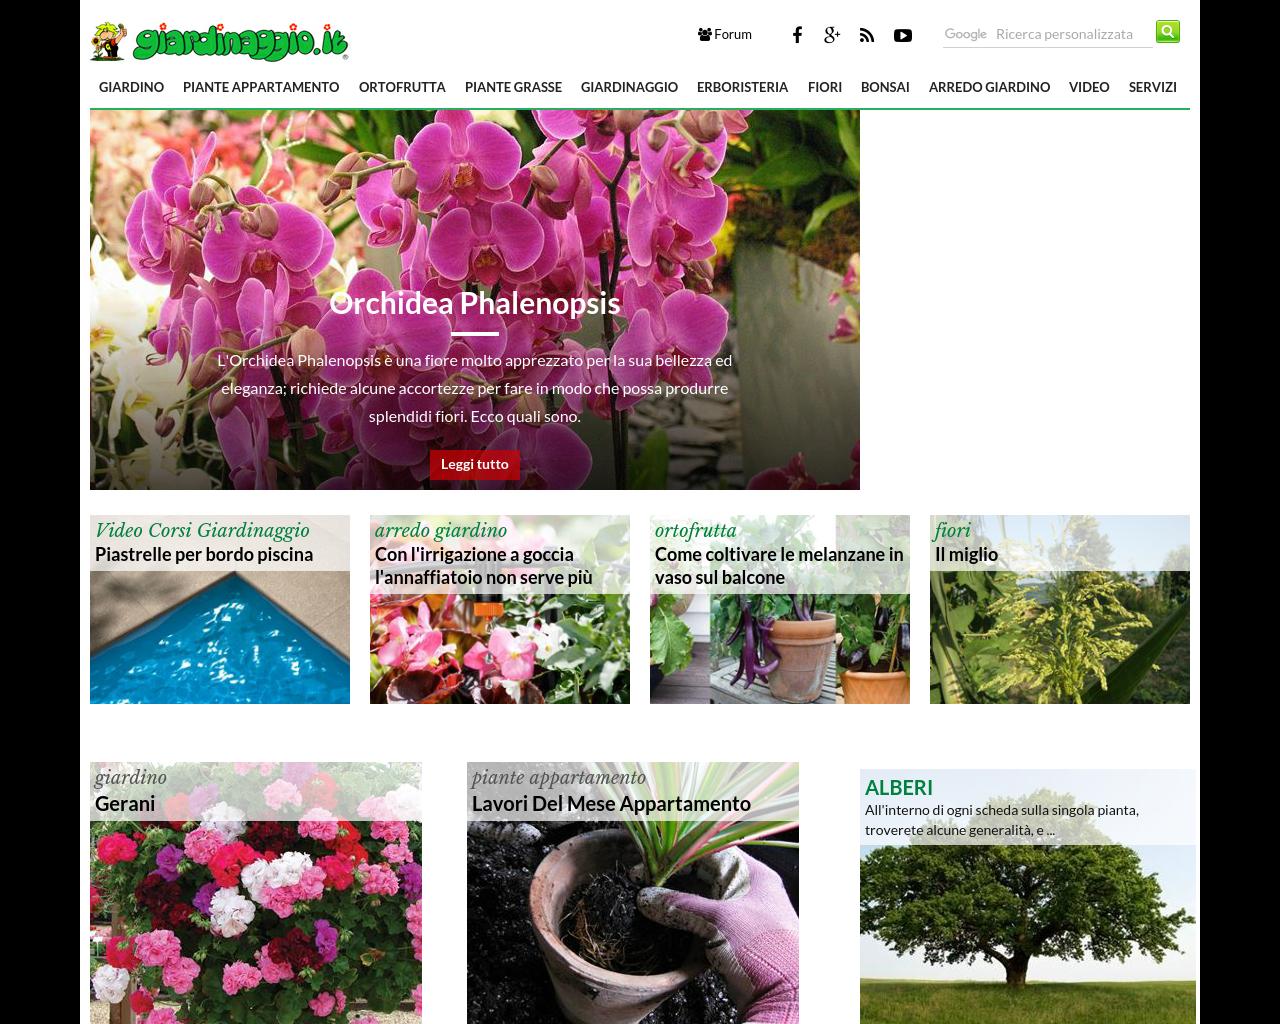 Giardinaggio.it-Advertising-Reviews-Pricing